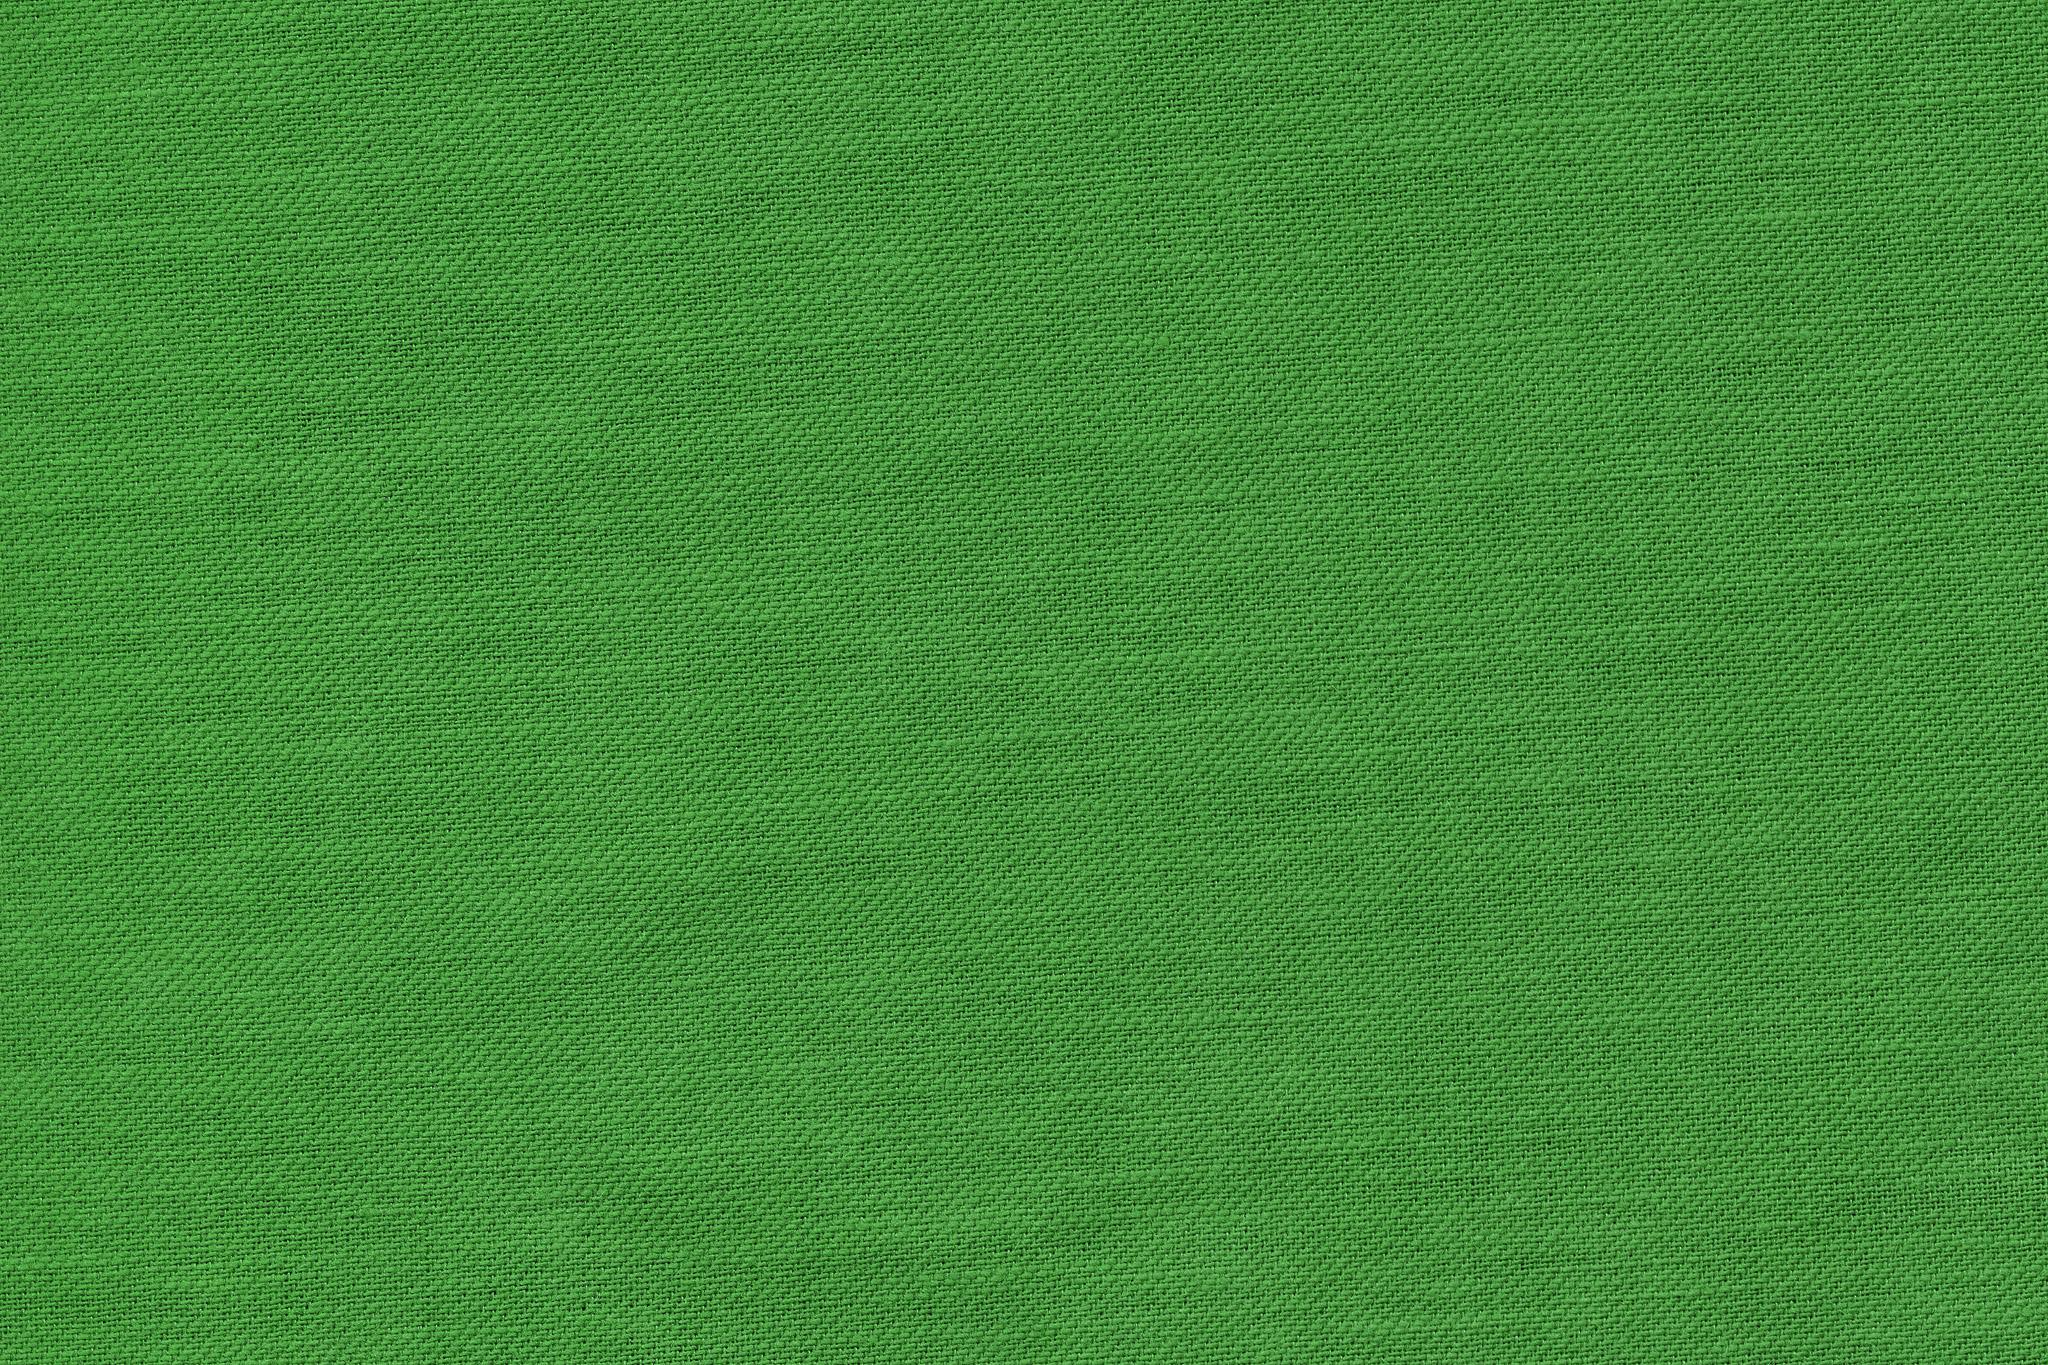 「緑色に染められた綿の布」の画像を無料ダウンロード